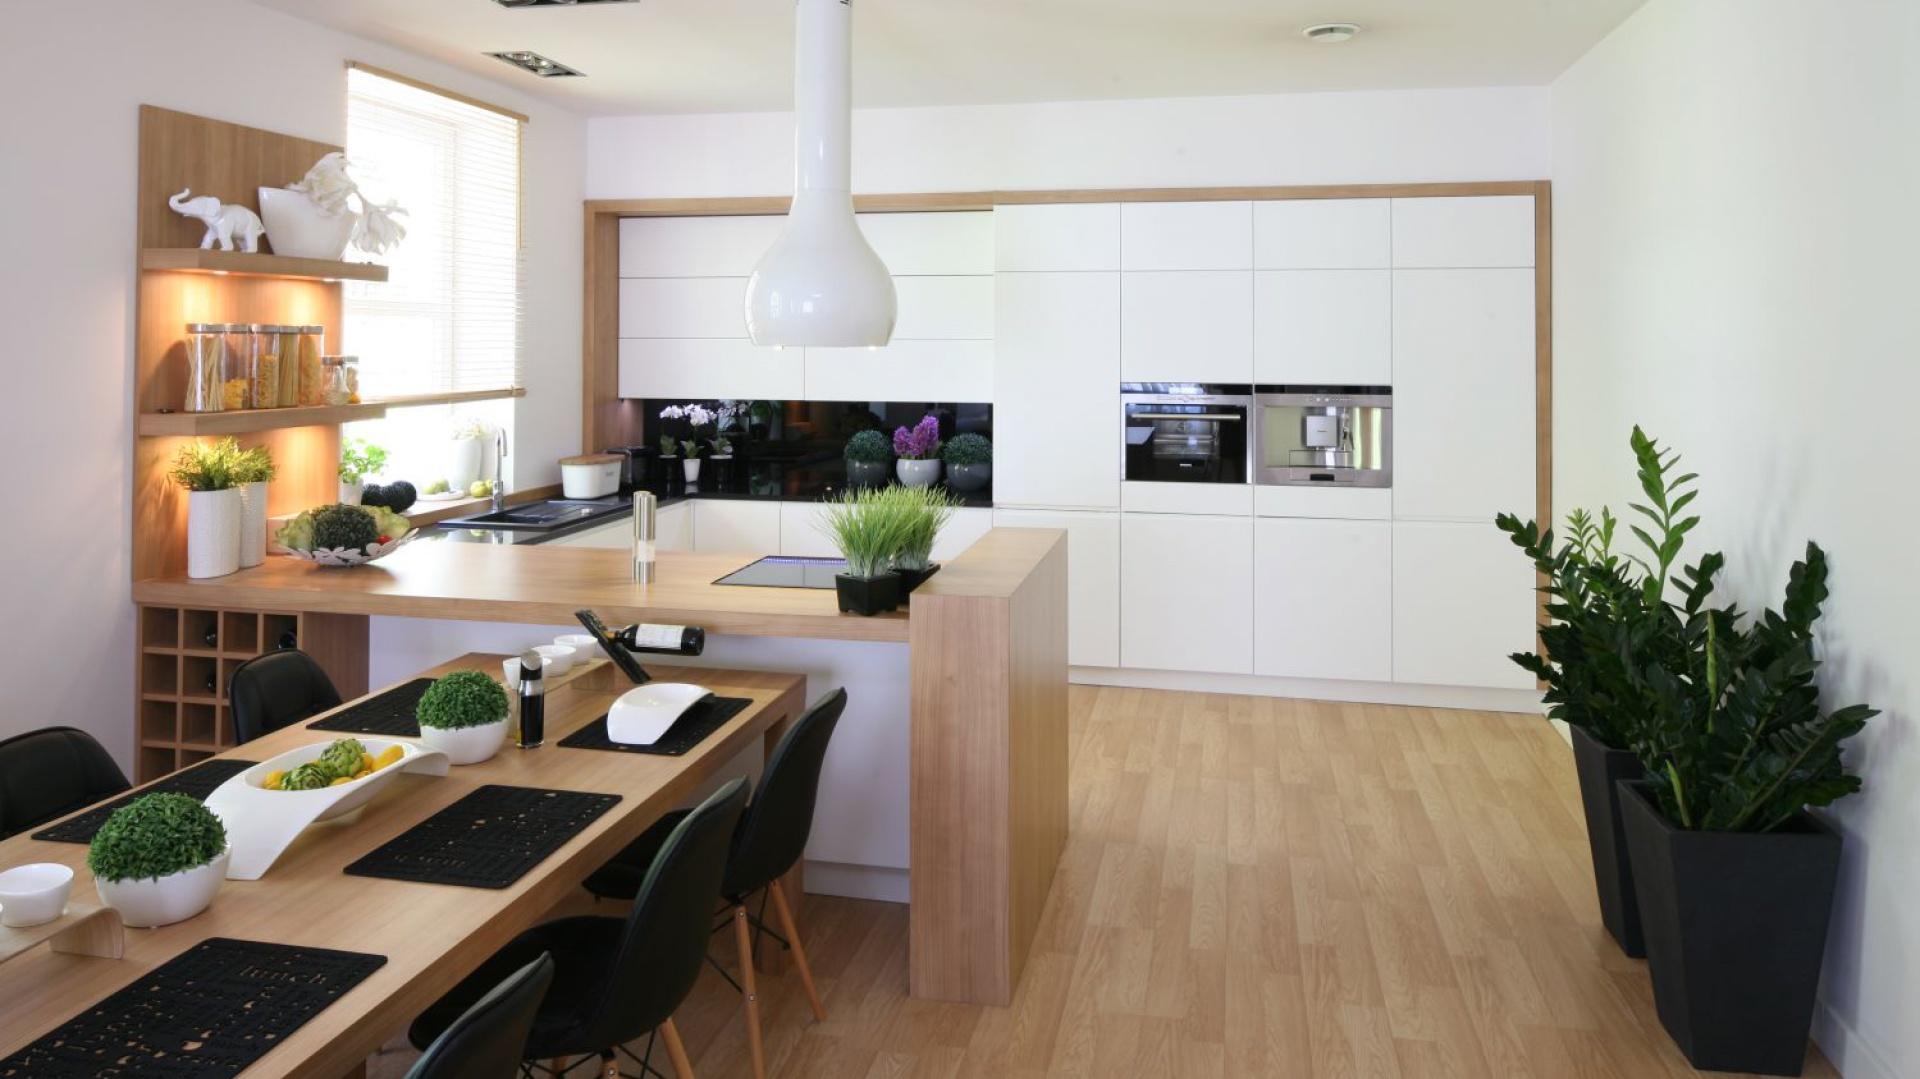 nowoczesna kuchnia z jasna kuchnia ocieplona drewnem 12 propozycji projektant w. Black Bedroom Furniture Sets. Home Design Ideas